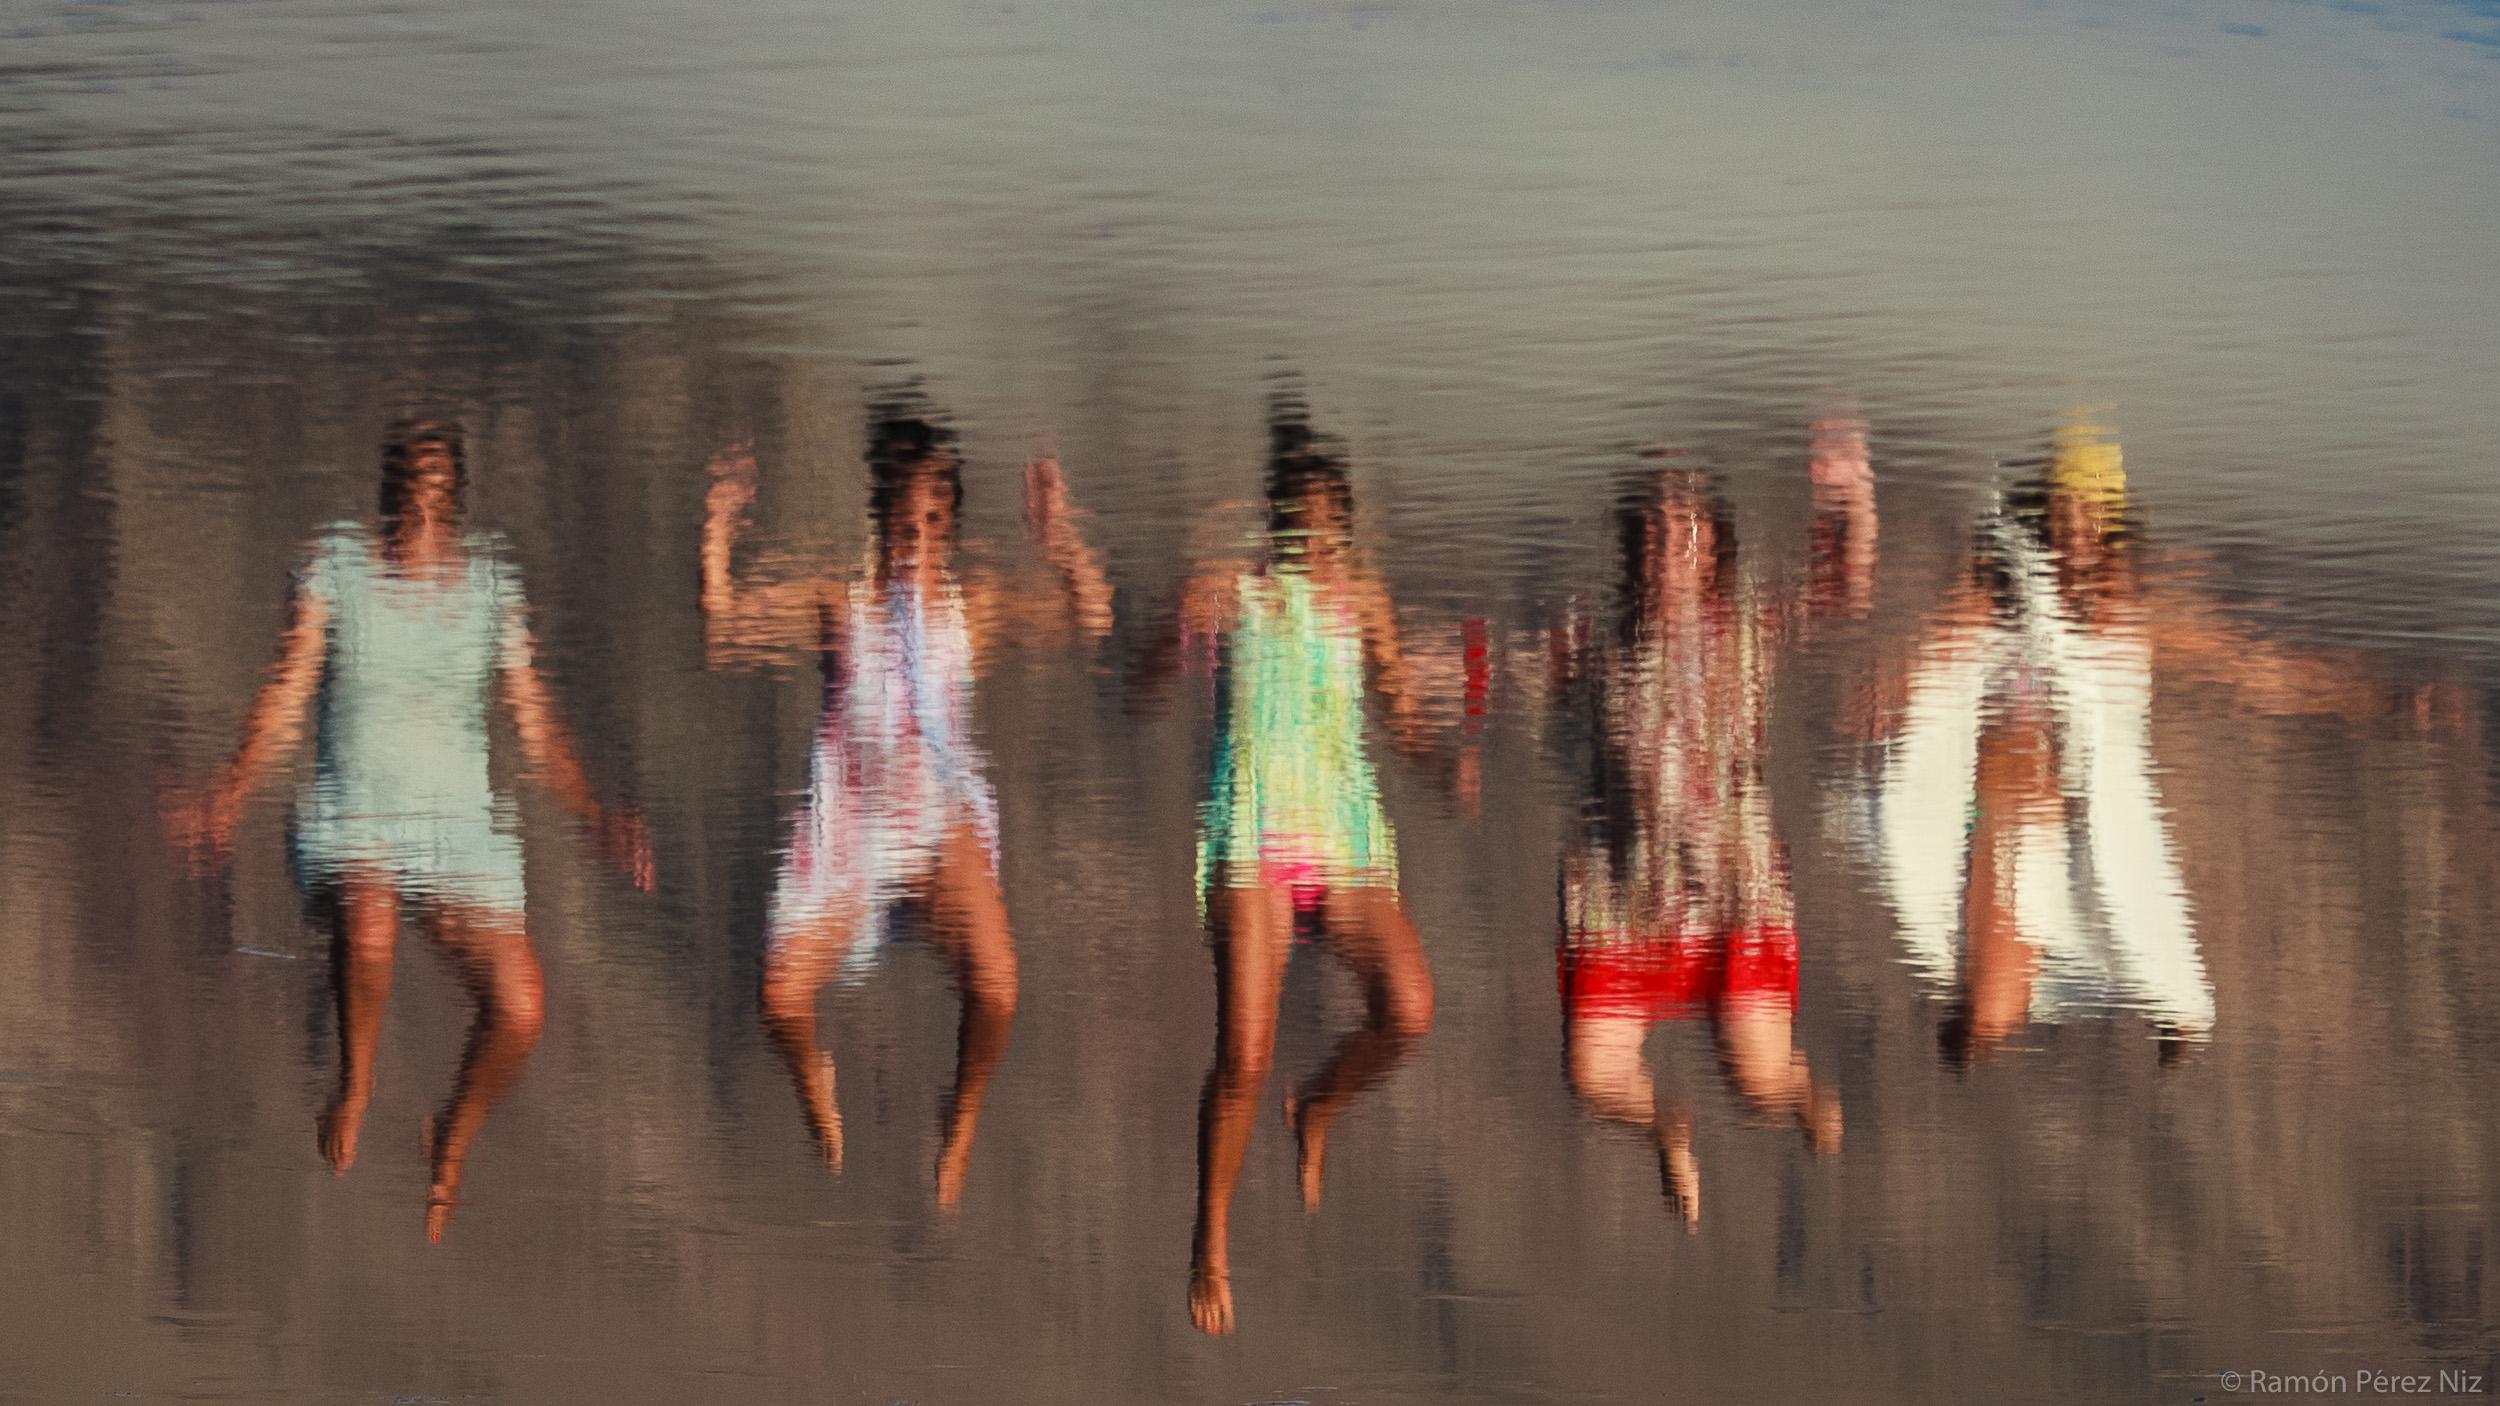 Foto de Ramón Pérez Niz en la playa de Famara